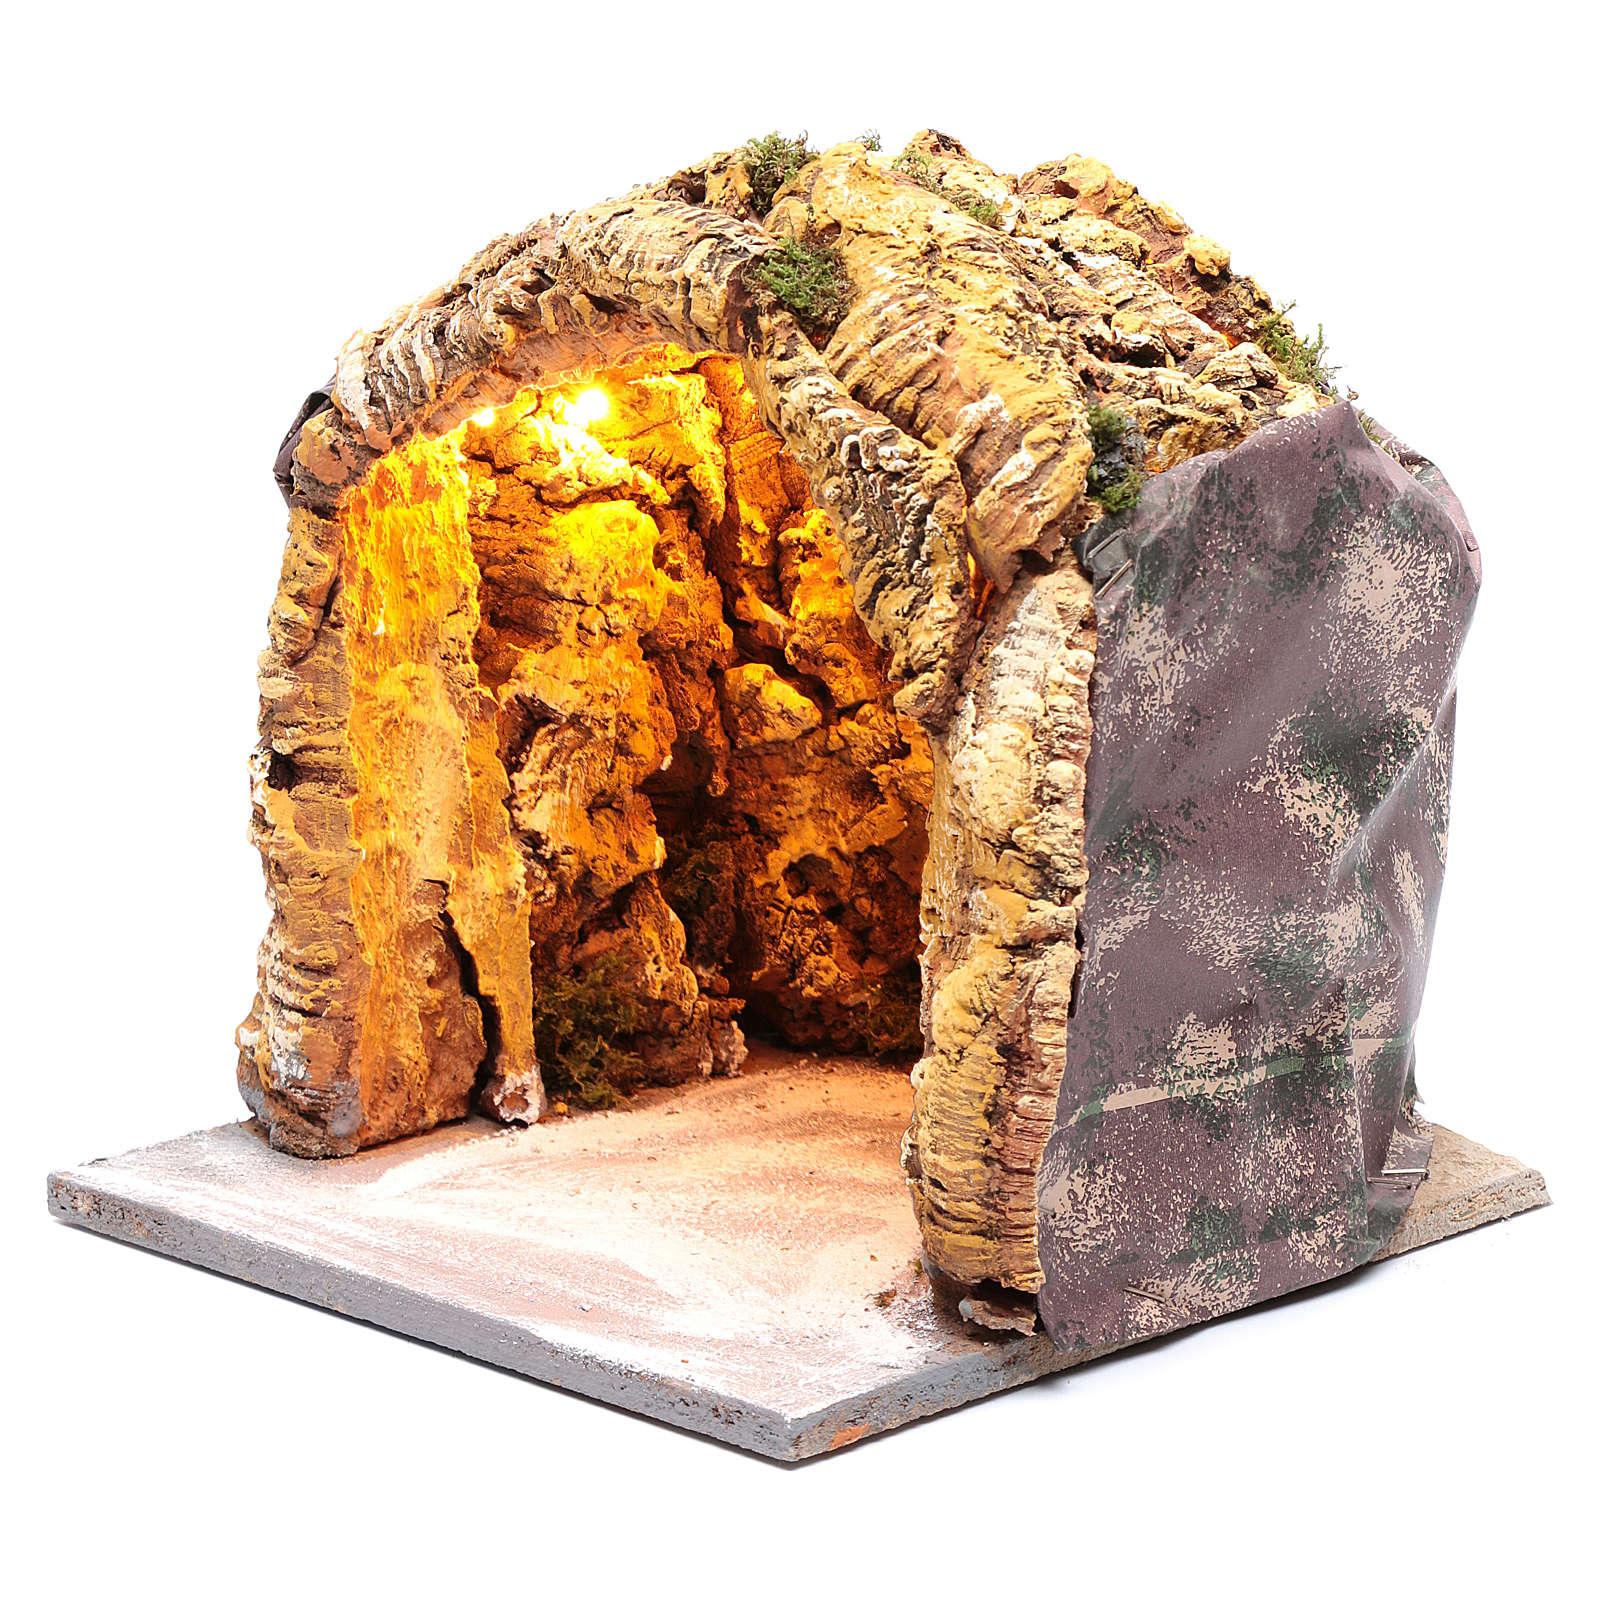 Grotta presepe napoletano 25x25x25 cm illuminata 4